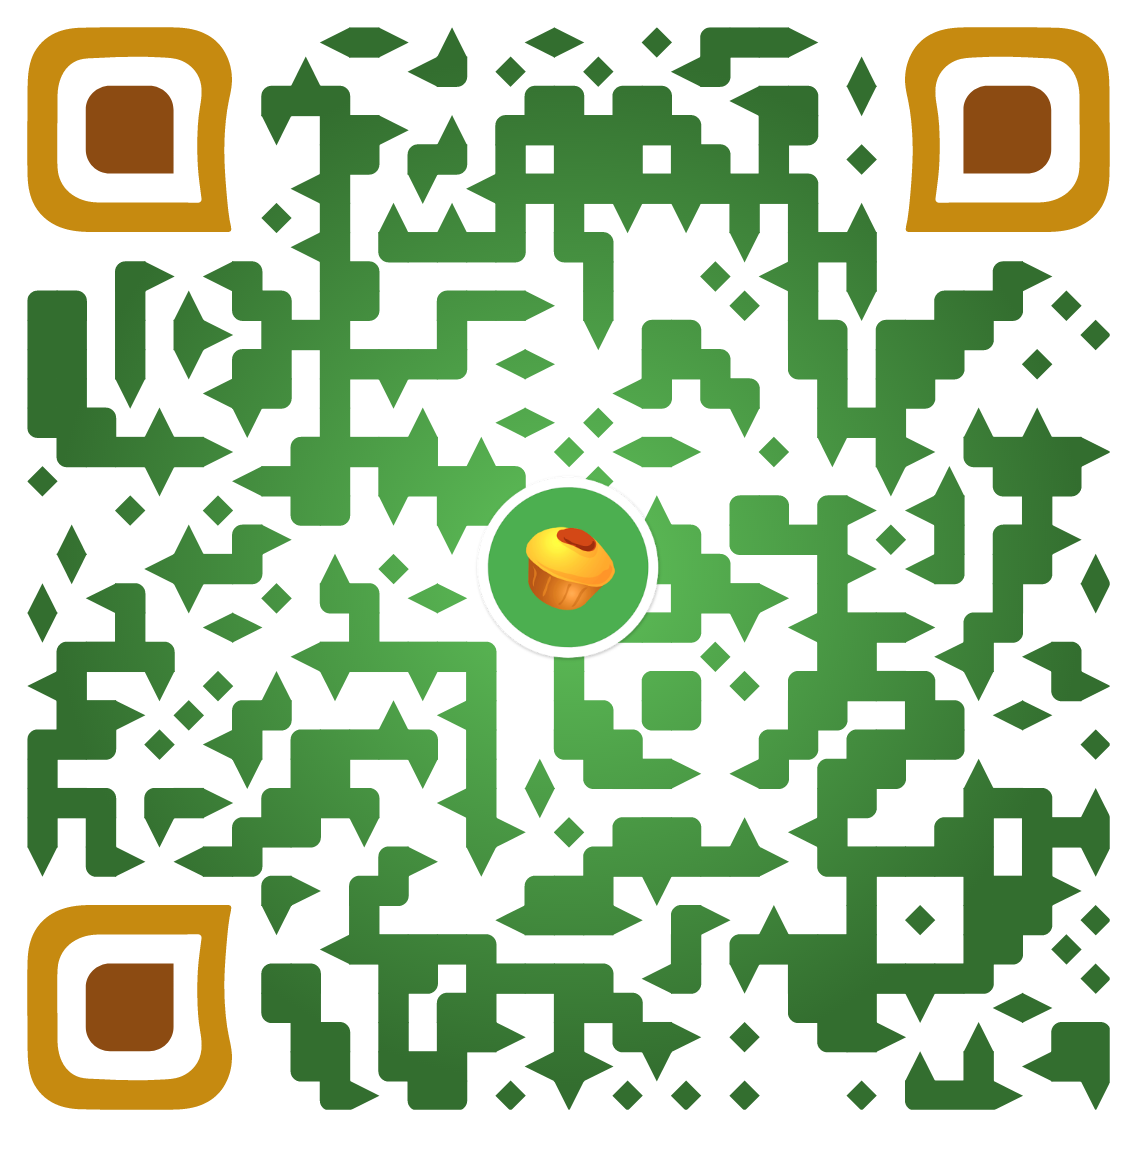 Генератор qr кодов ссылка на сайт качественные ссылки на сайт 1-я Хуторская улица